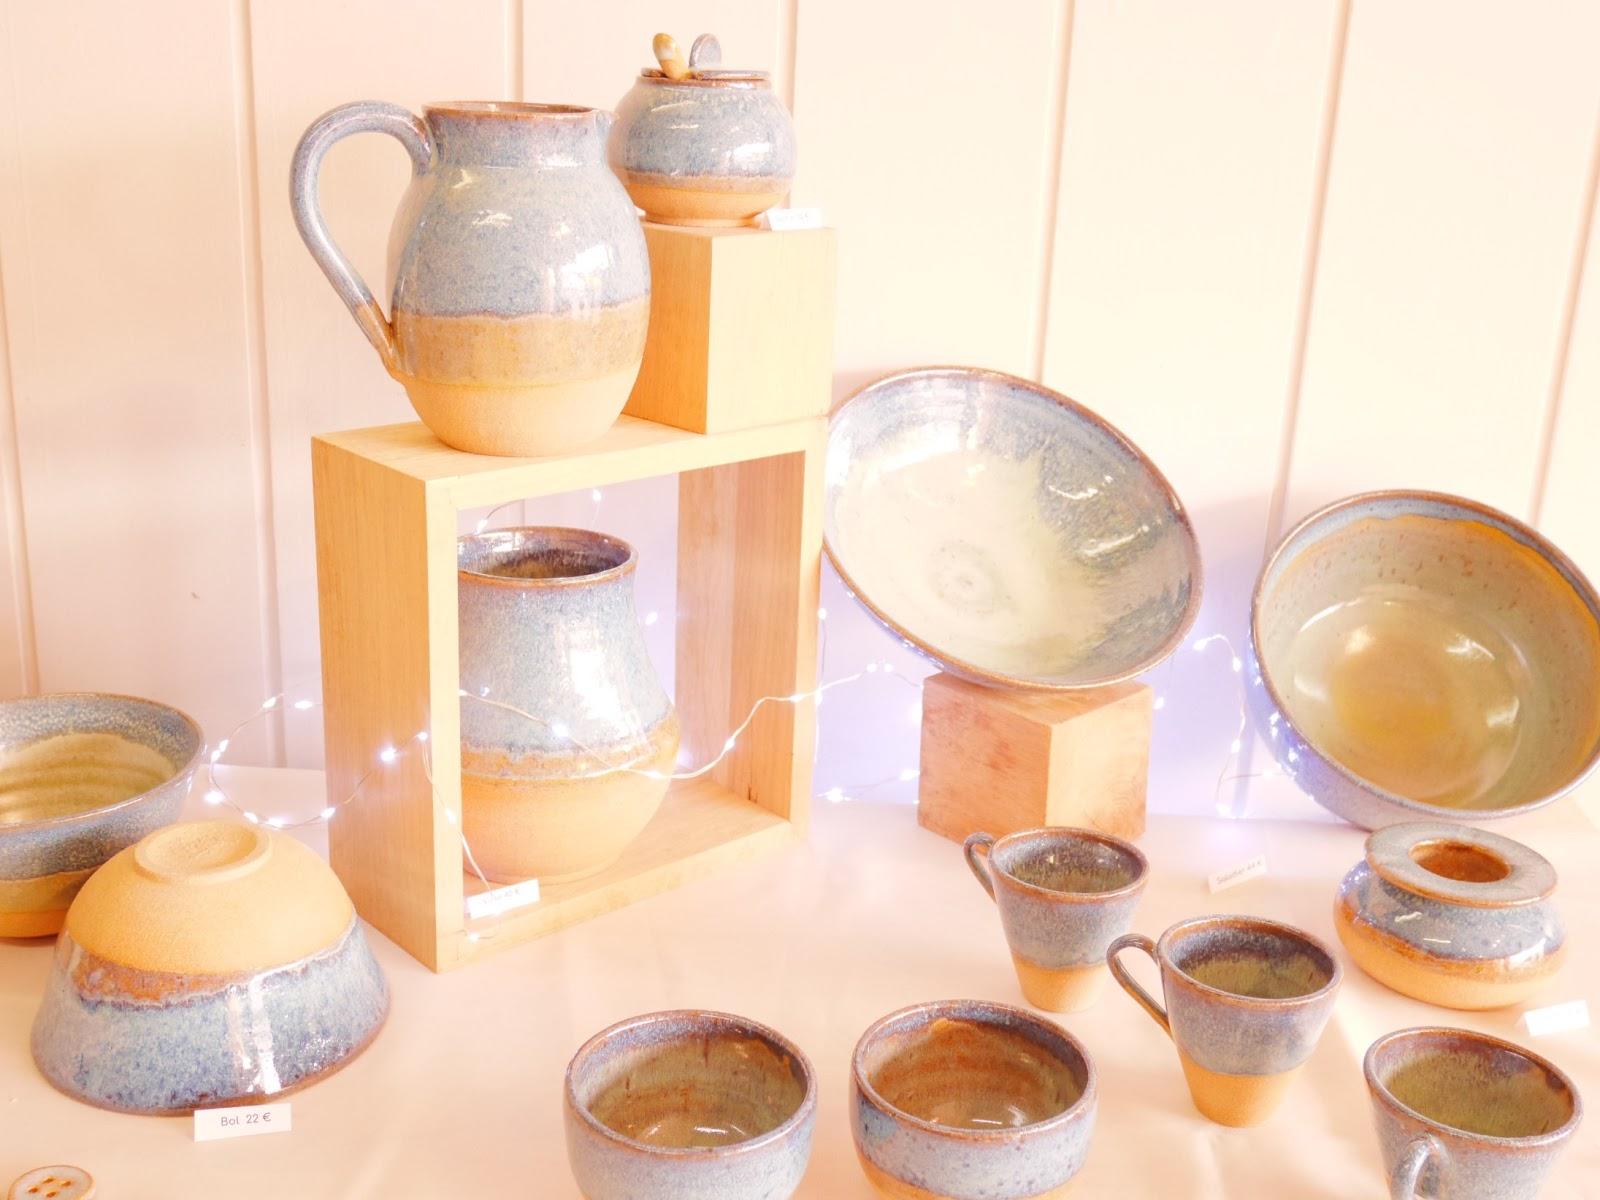 Artisan-ceramiste-o-terre-feu-anne-rouille-presentation-piece